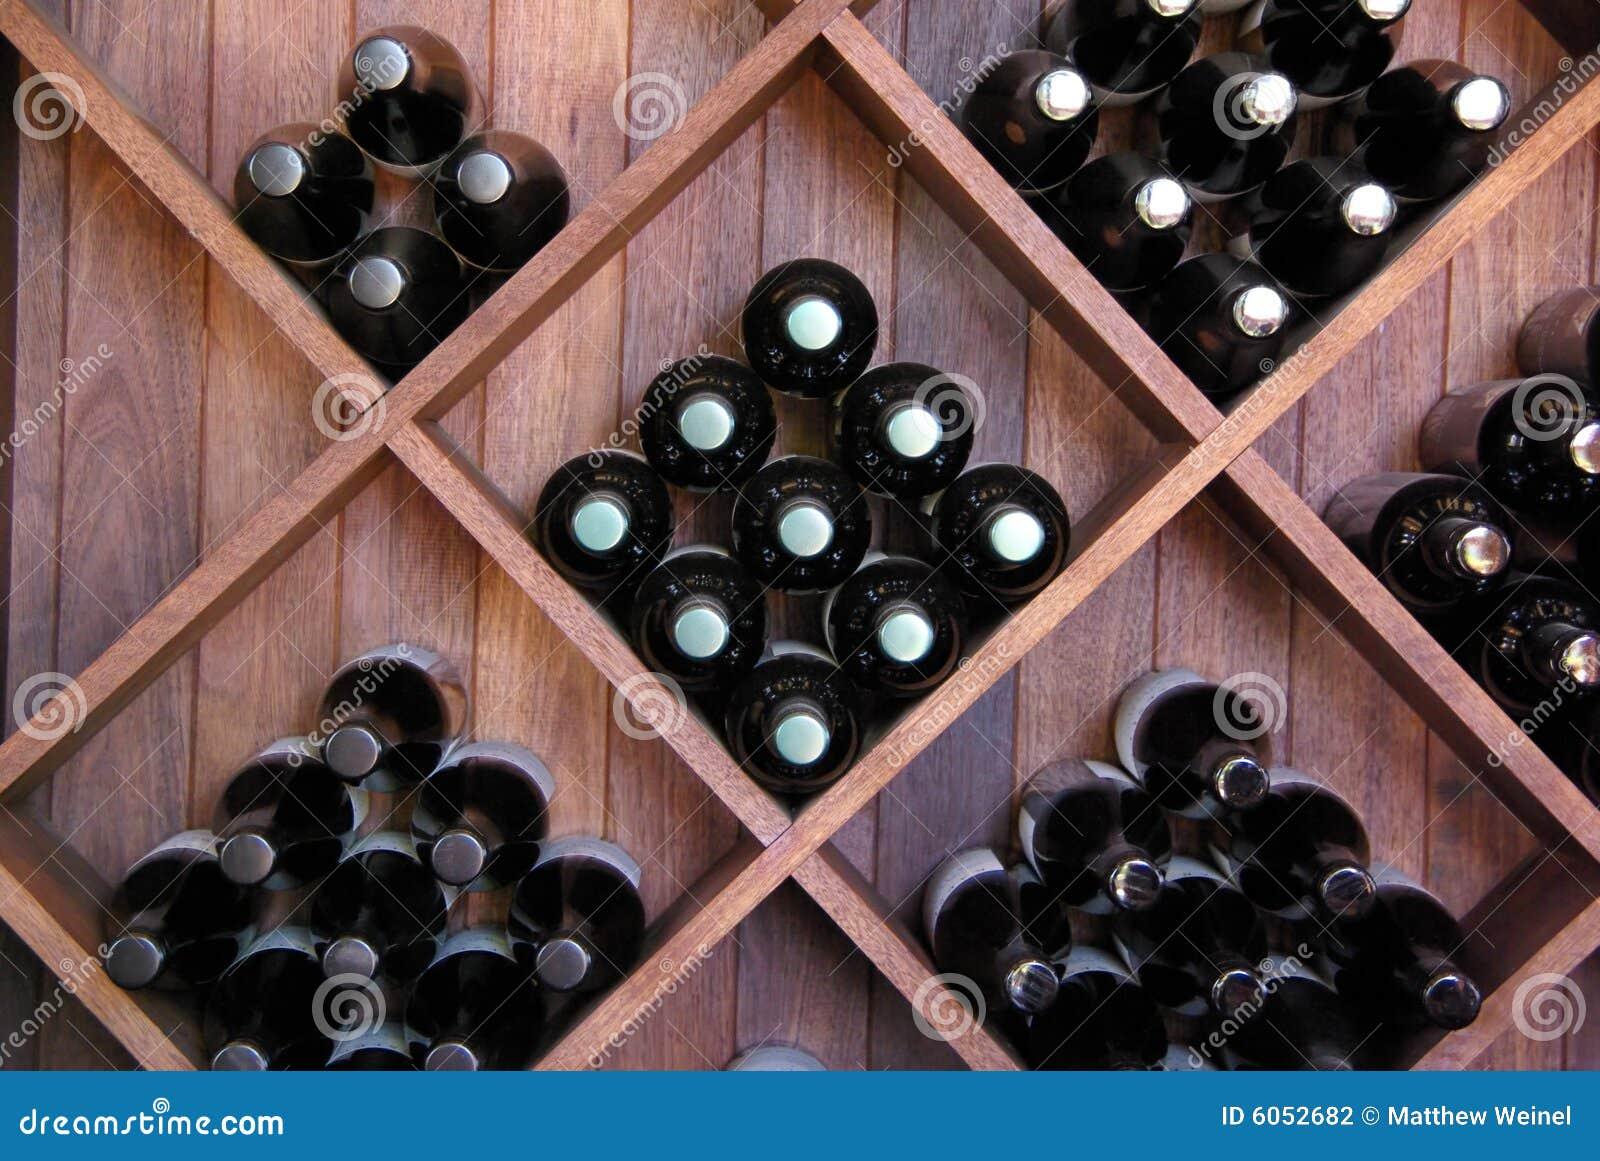 used wine rack plans